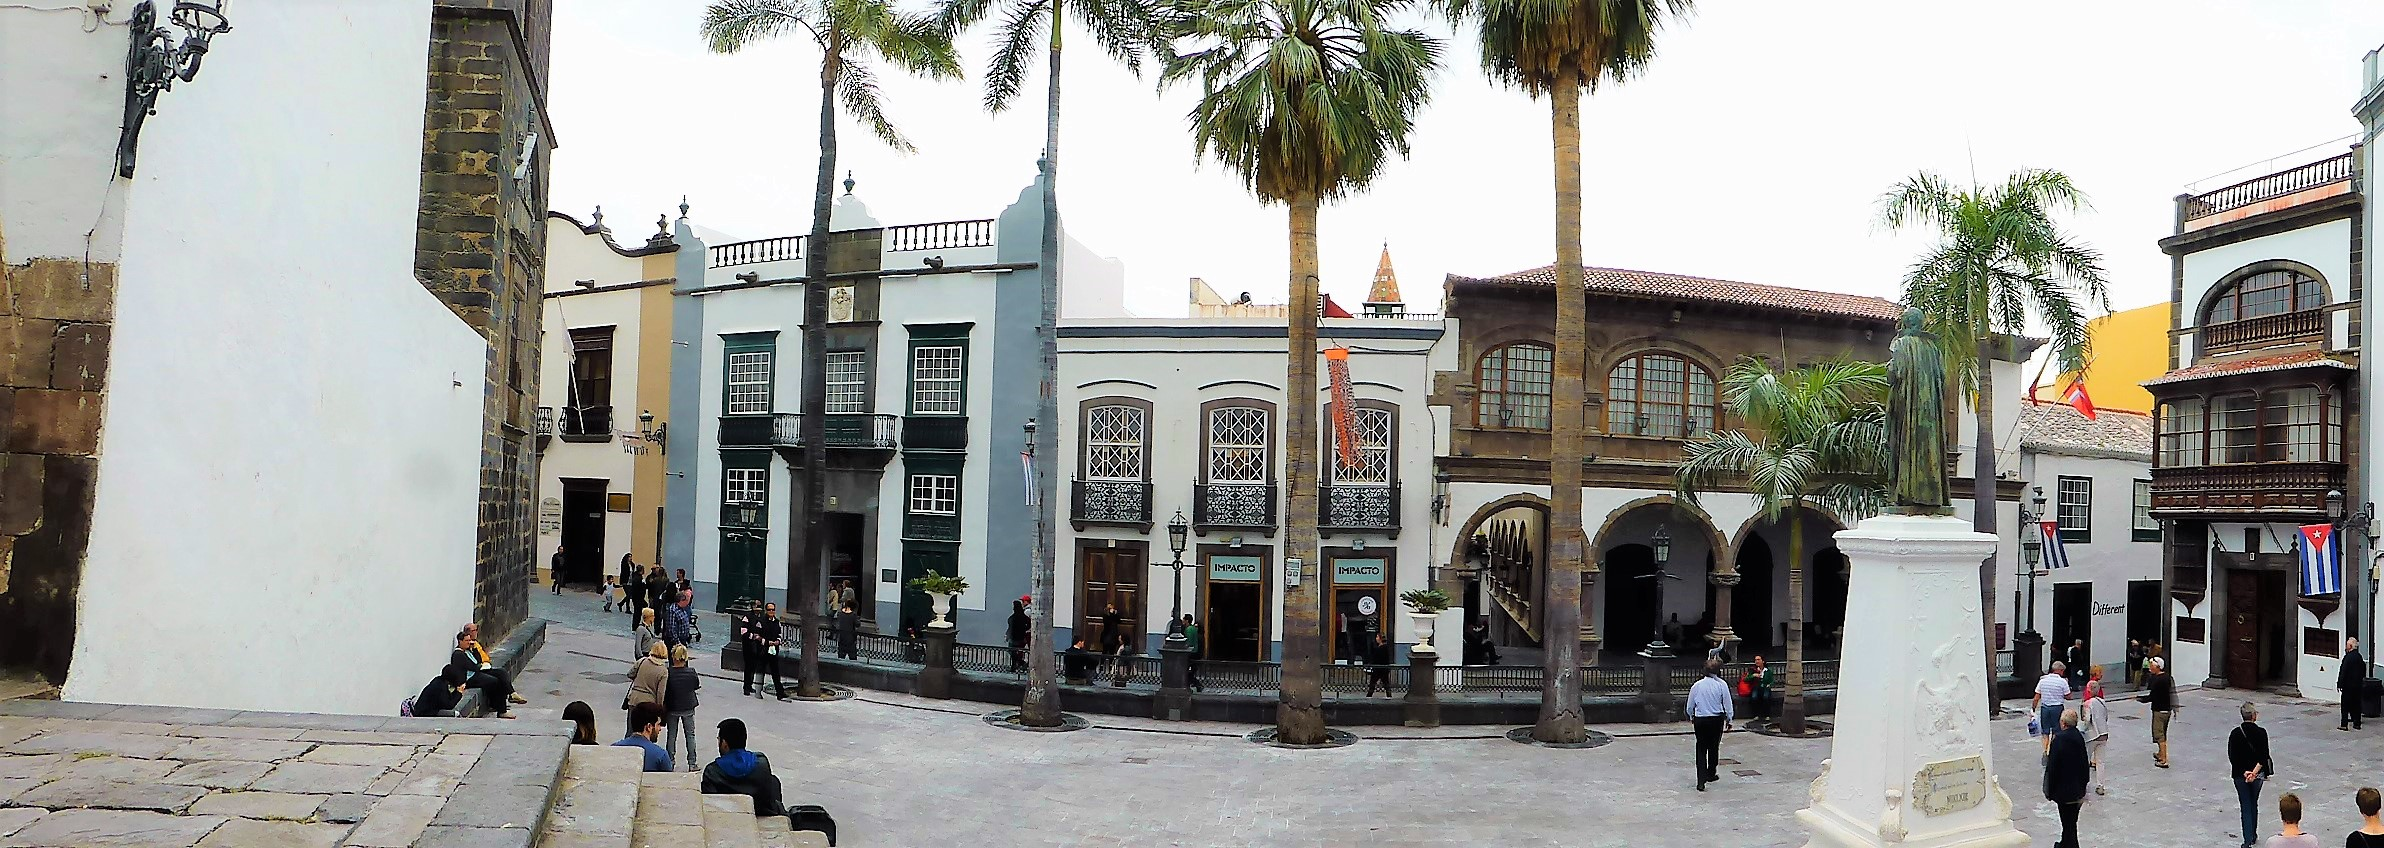 St. Cruz, Plaza Espana